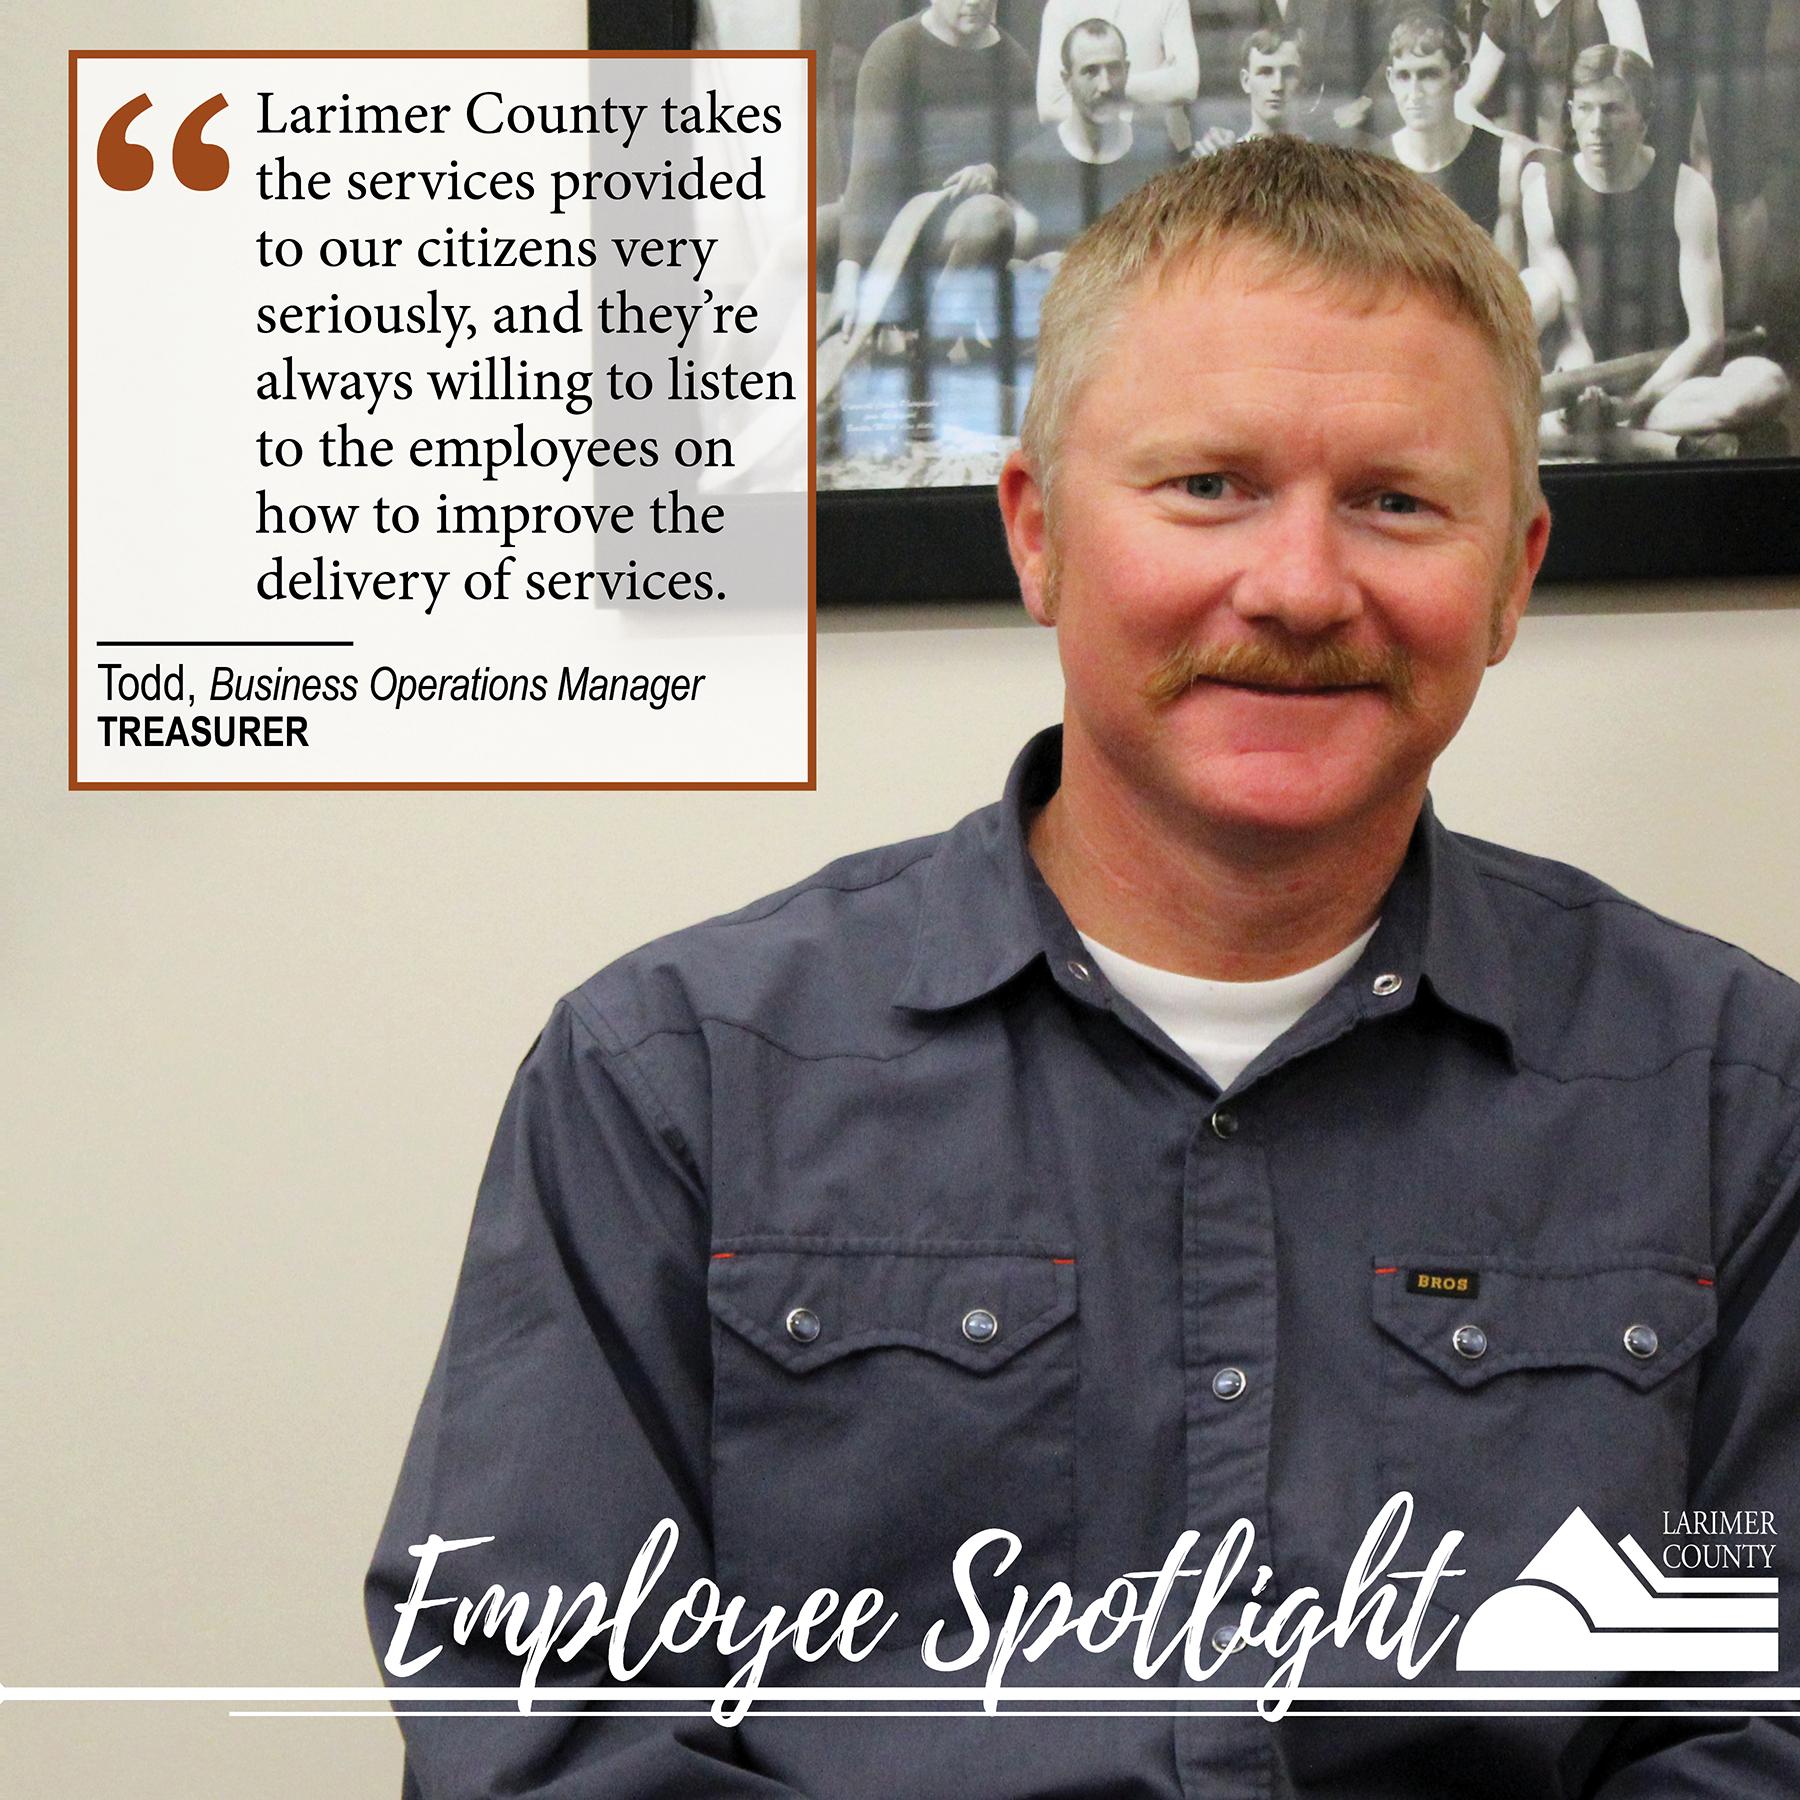 """Imagen 12: """"El condado de Larimer se toma muy en serio los servicios que se brindan a nuestros ciudadanos y siempre están dispuestos a escuchar a los empleados sobre cómo mejorar la prestación de servicios""""."""